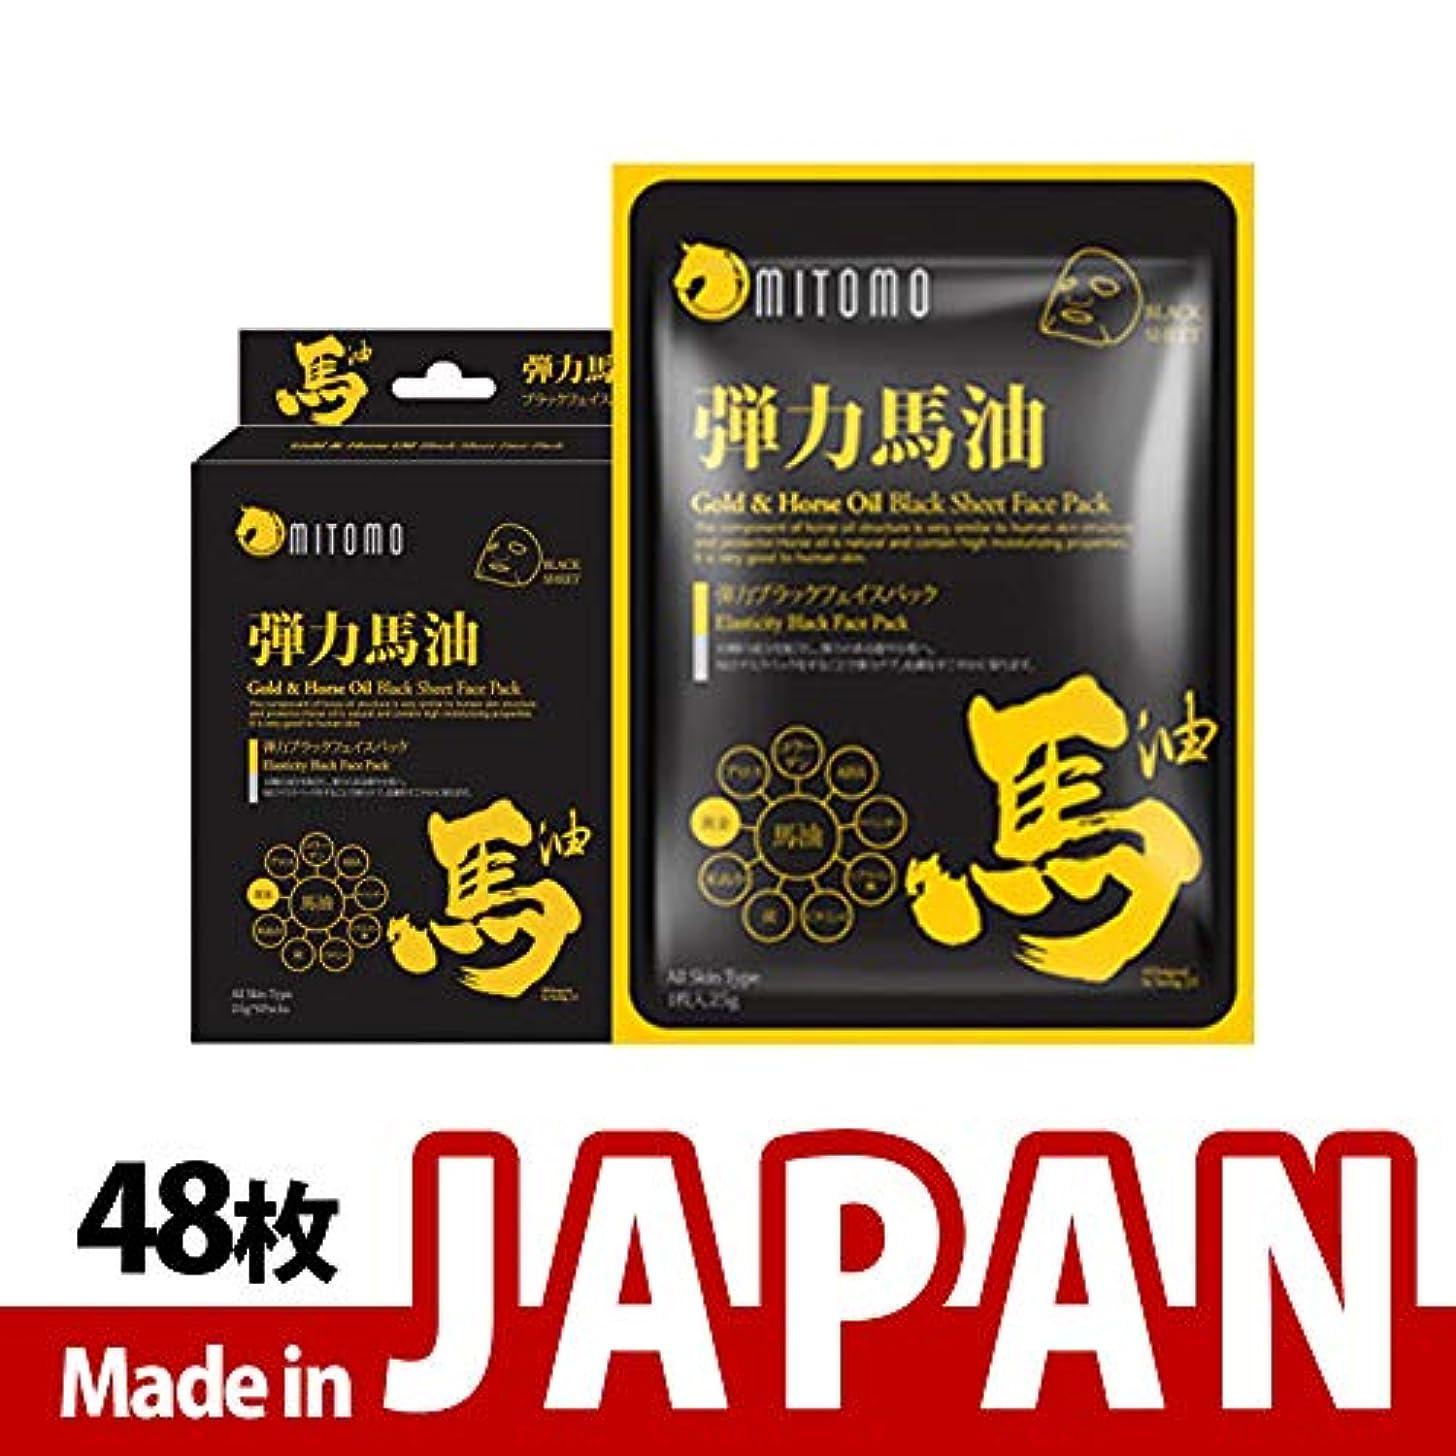 パフ手数料一時的MITOMO【MC740-A-0】日本製シートマスク/6枚入り/48枚/美容液/マスクパック/送料無料